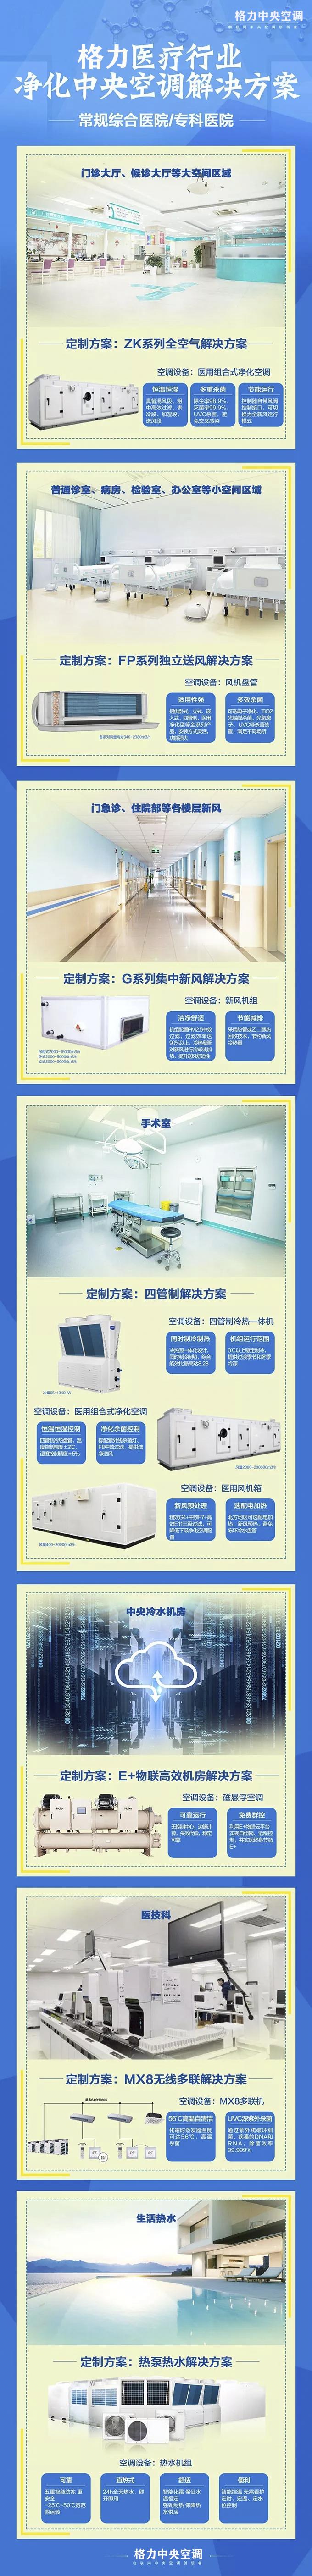 """格力中央空调为医疗行业打造""""一站式""""空气解决方案"""